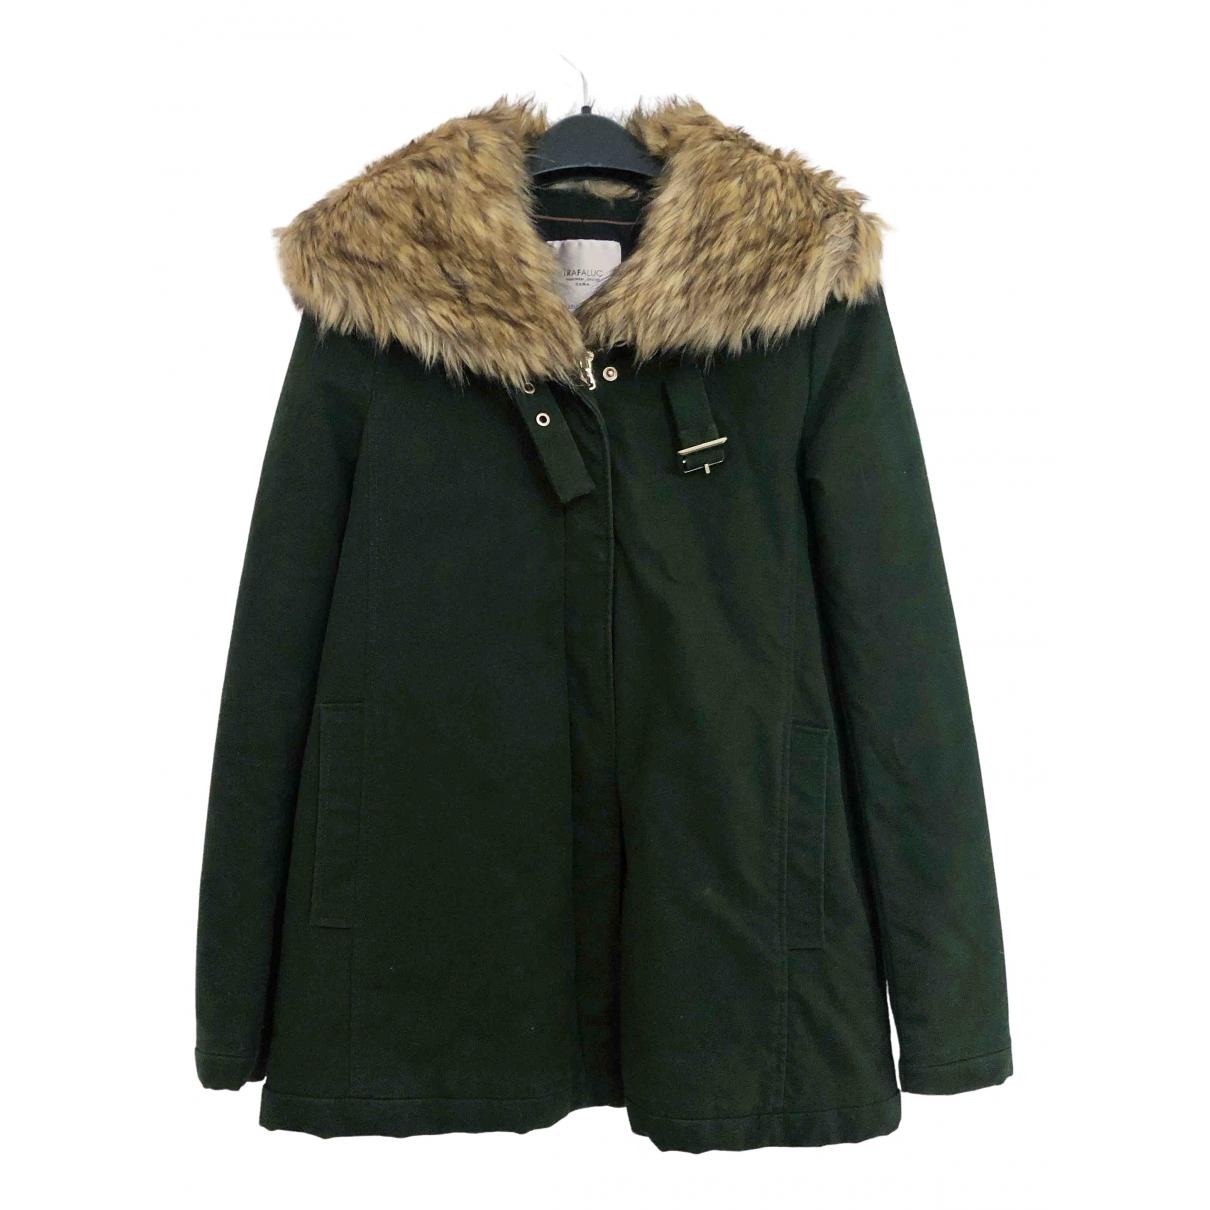 Zara - Manteau   pour femme en coton - kaki